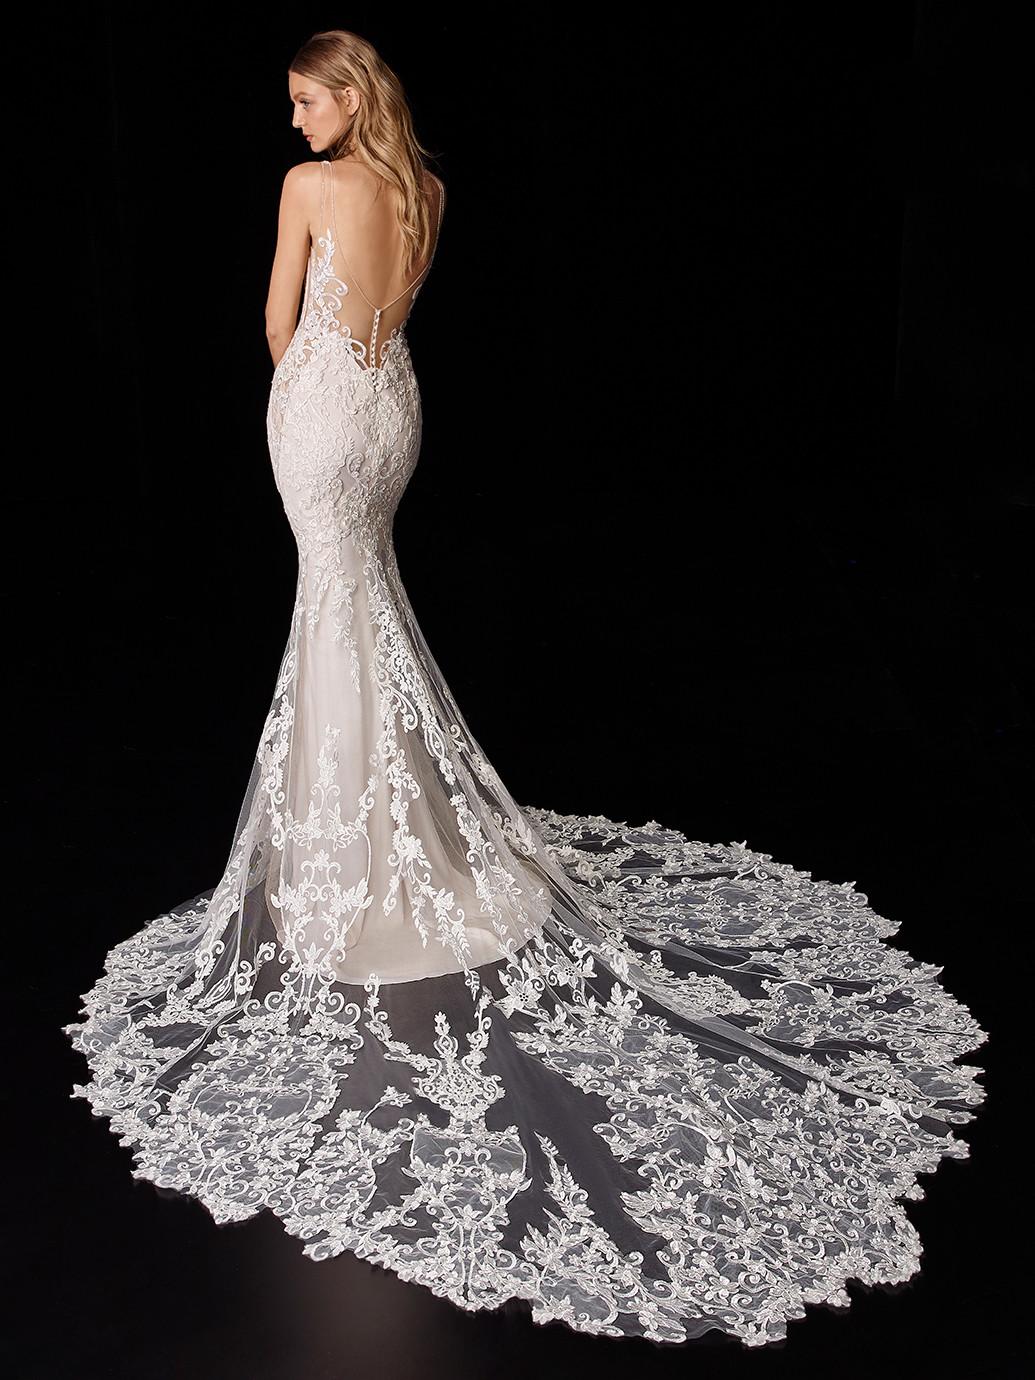 Hochzeitskleid in Nude mit Allover-Spitze und abnehmbarer Spitzenschleppe von Enzoani, Modell Penny